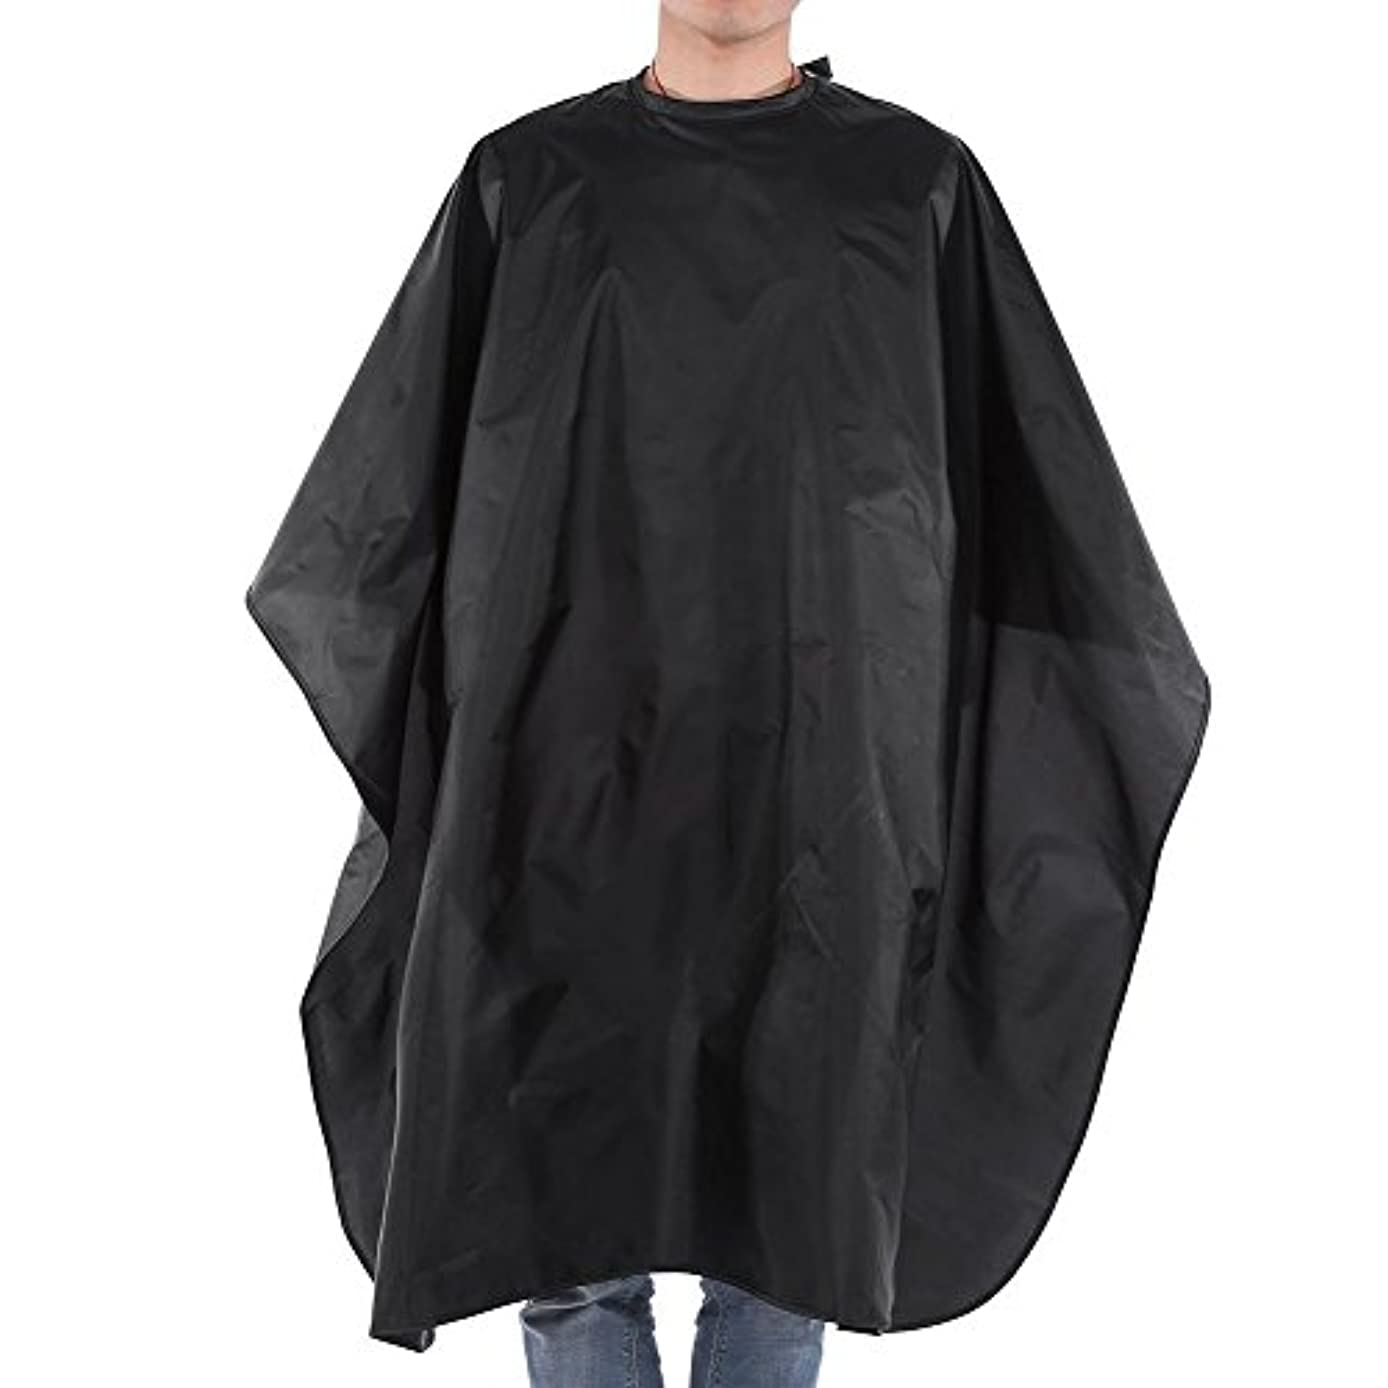 いらいらする市場イヤホン理容室スタイリングケープ、ブラックサロンヘアカット理髪理髪店ケープガウン大人の布防水スナップクロージャー59×47インチ